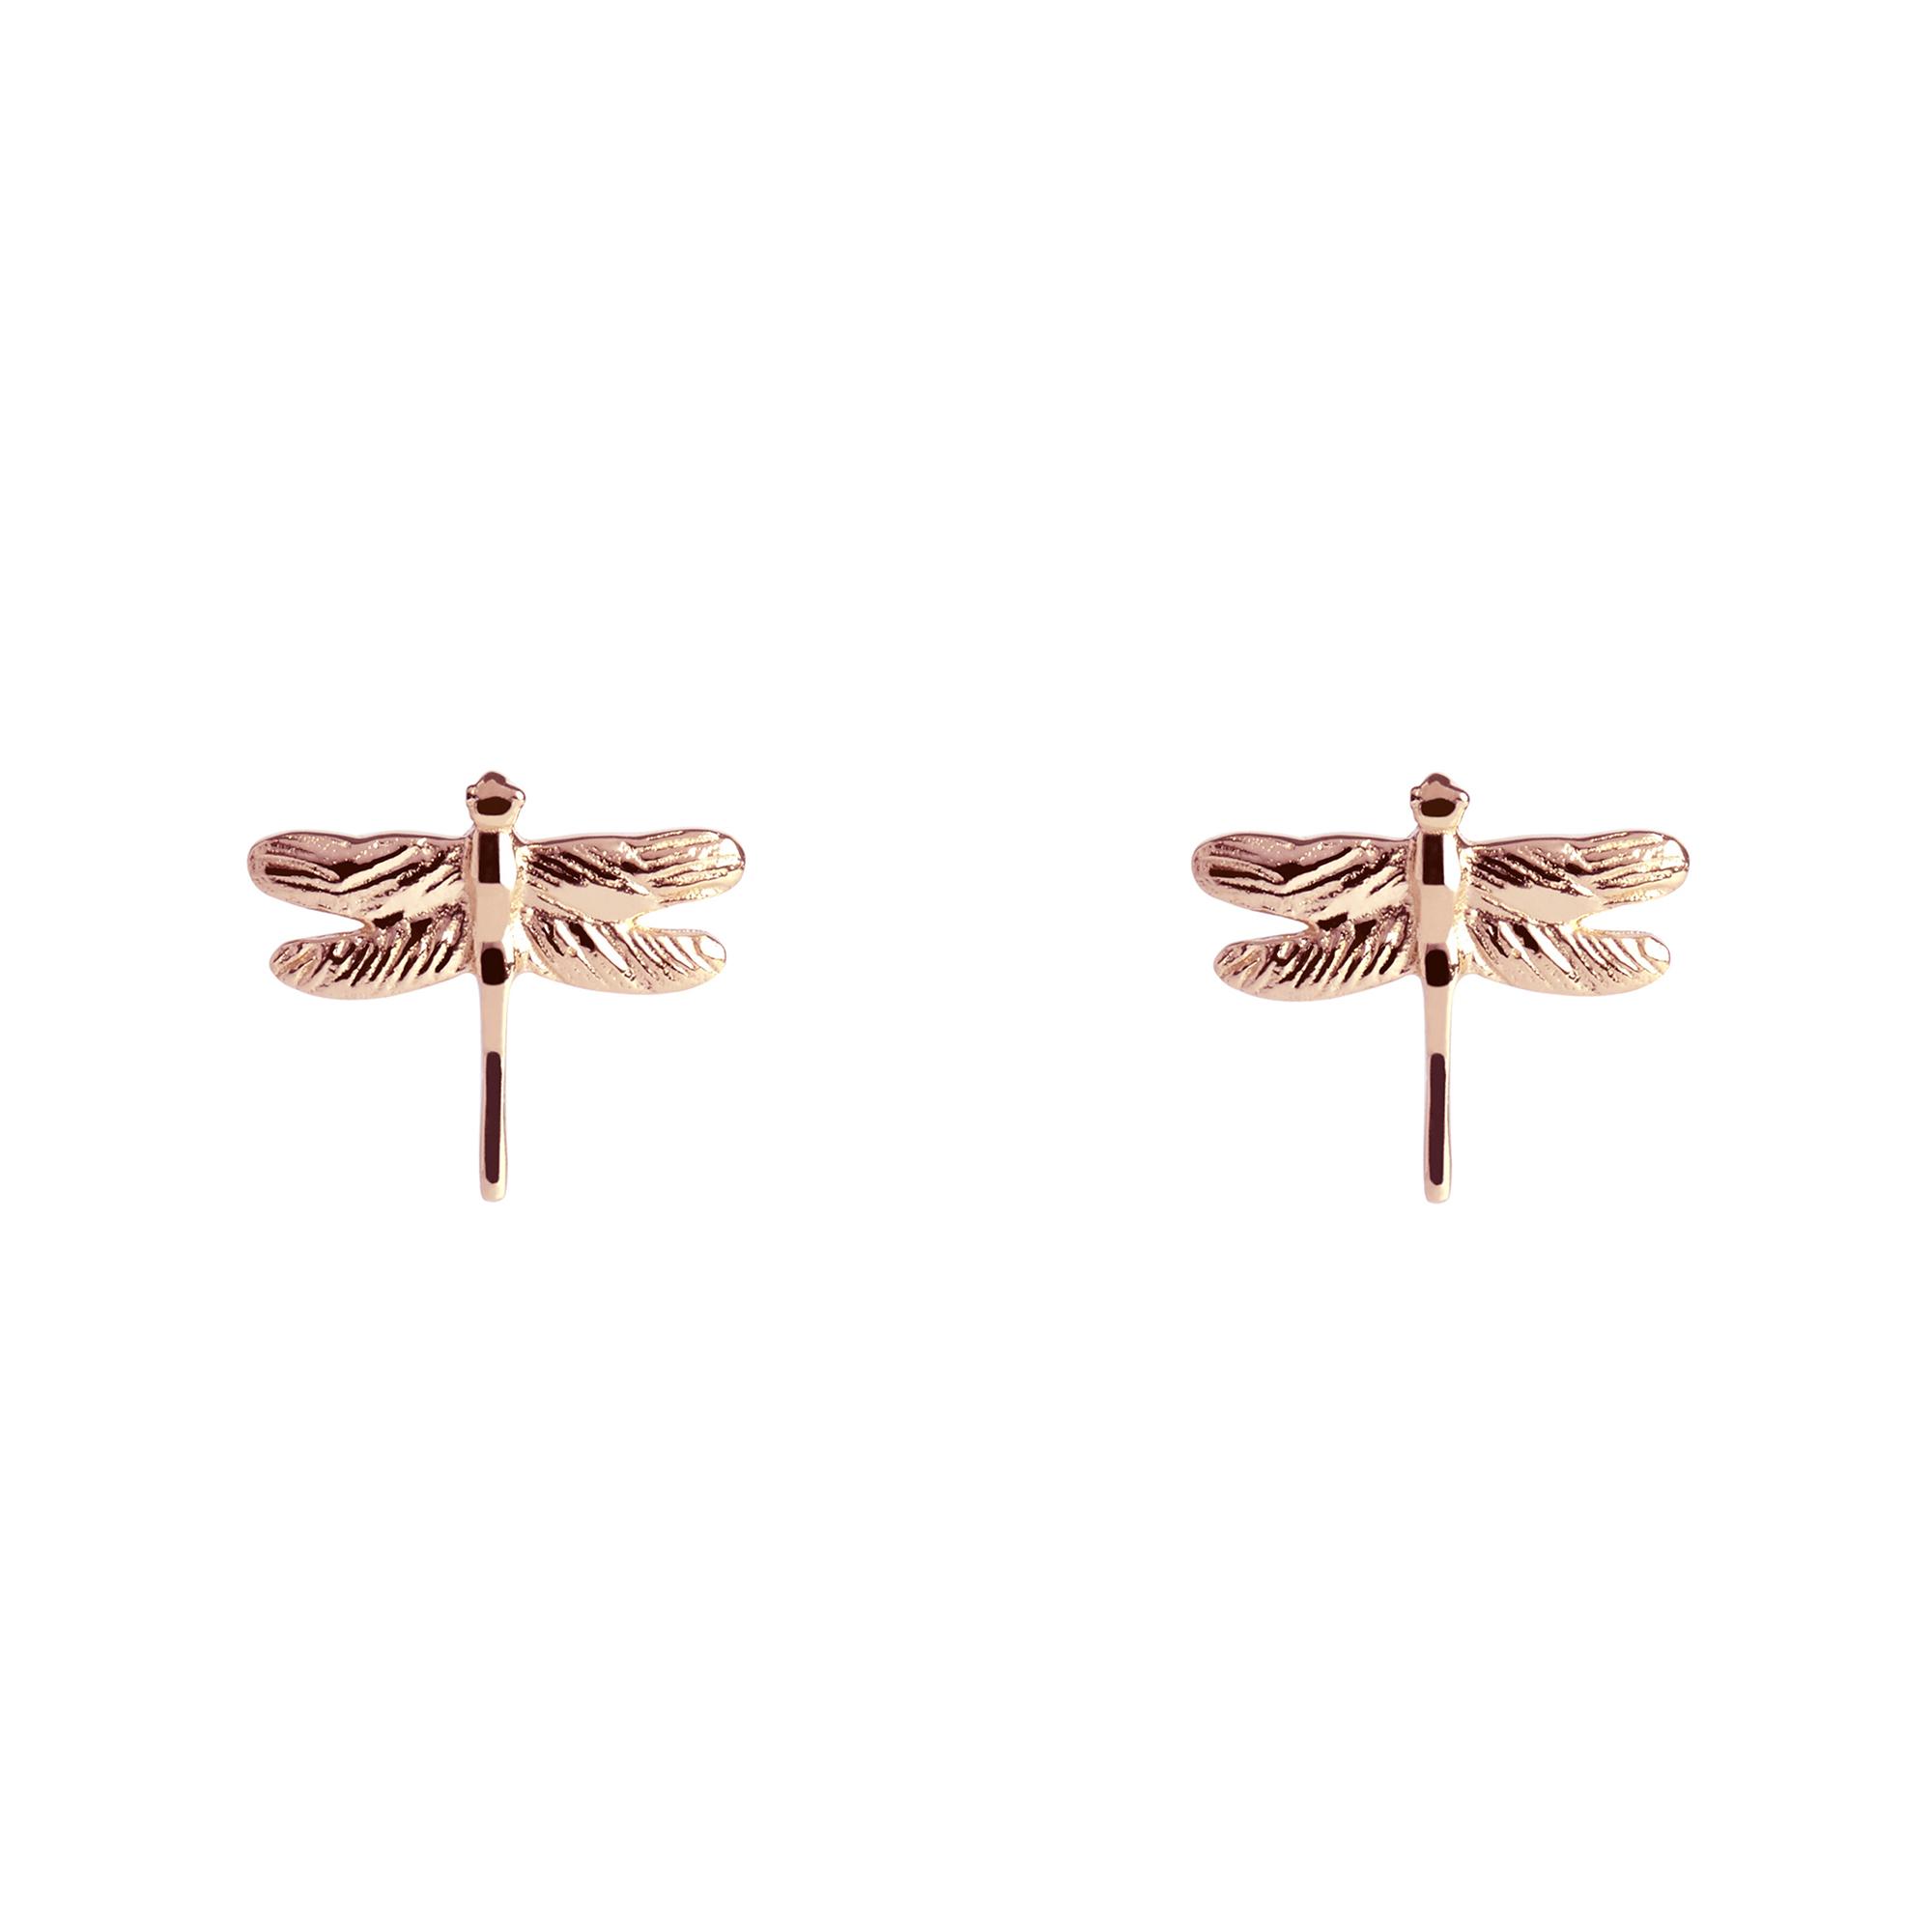 Muru Dragonfly Stud Earrings Rose Gold Plated